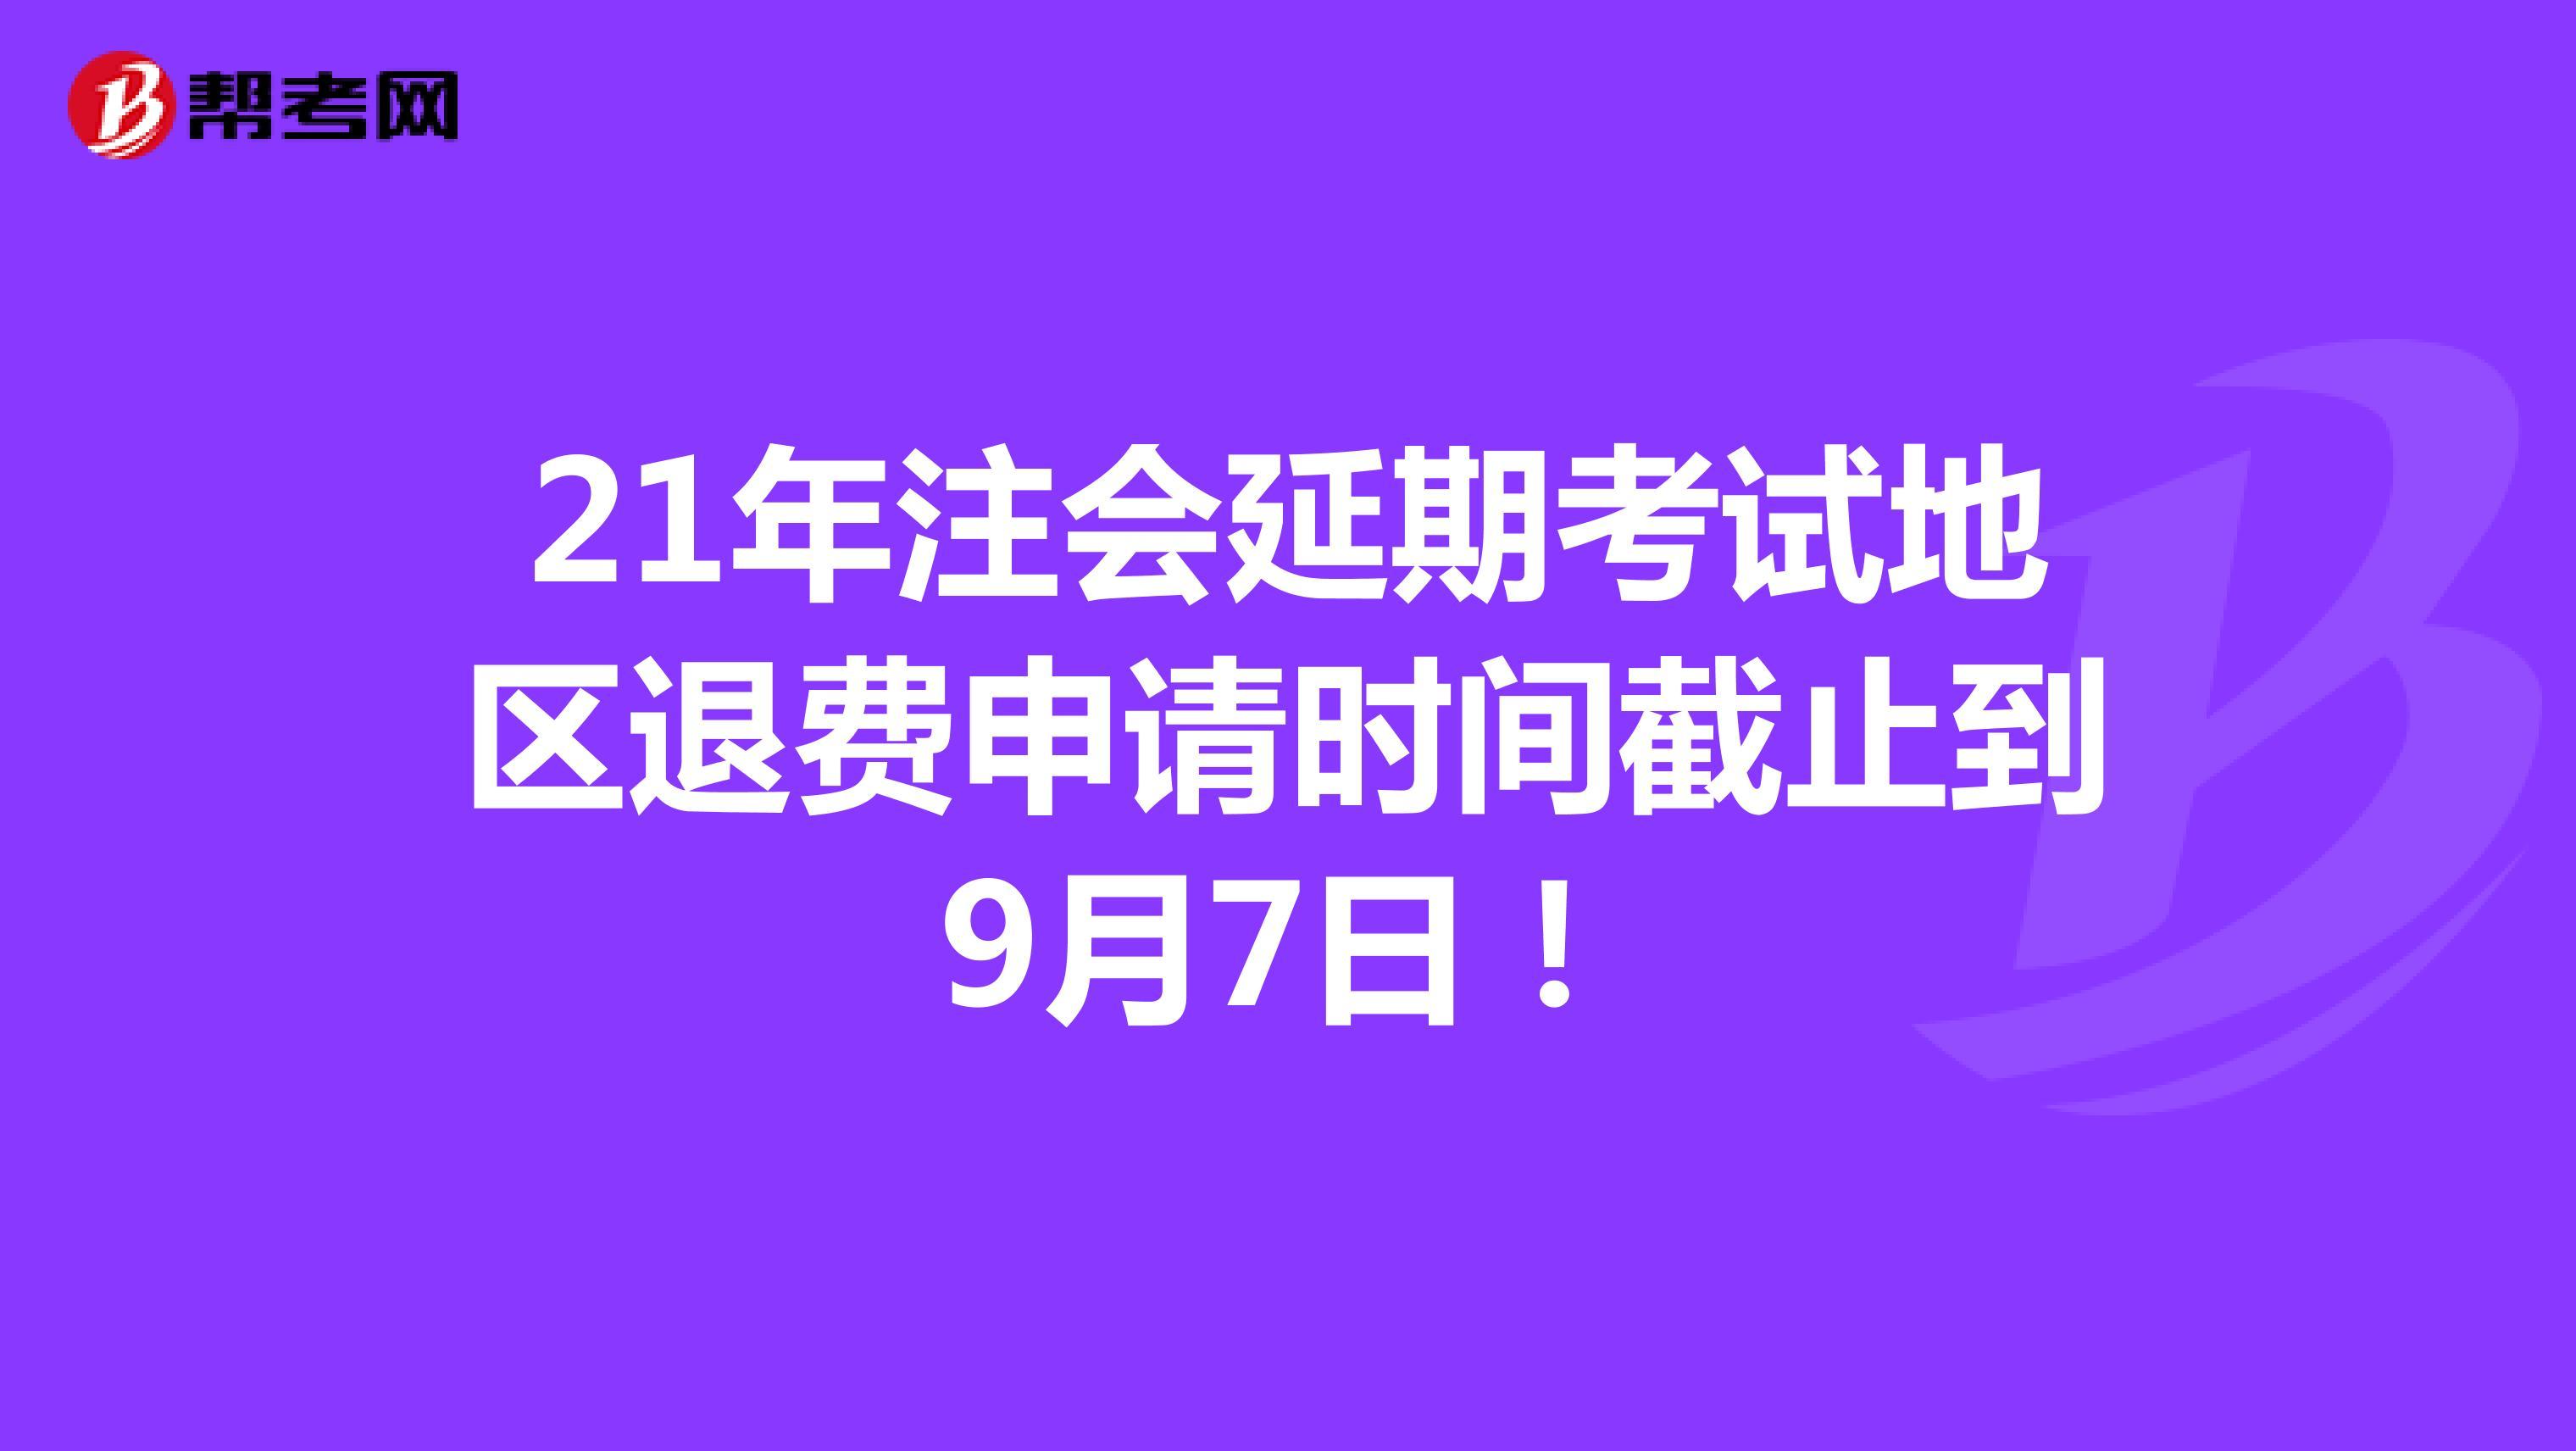 21年注会延期考试地区退费申请时间截止到9月7日!